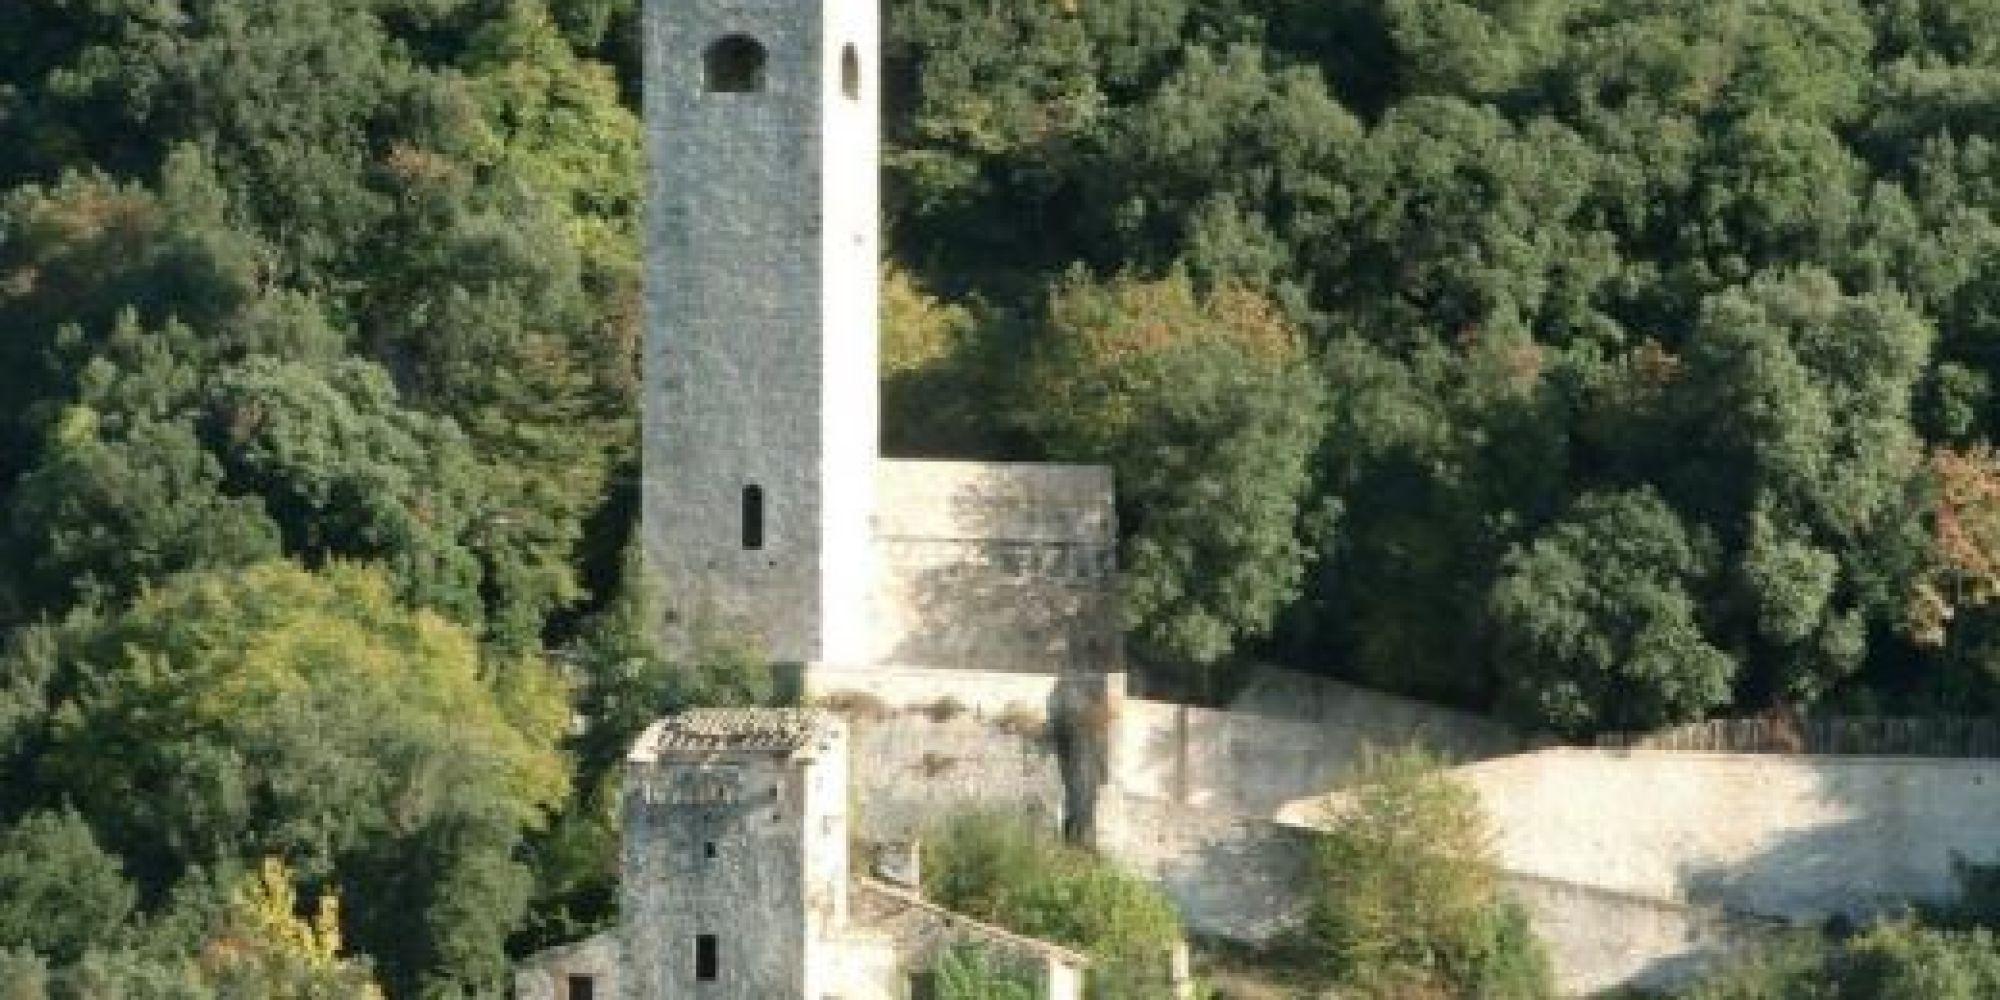 In regalo per gli under 40 case cantoniere, locande, masserie, ostelli, piccole stazioni, caselli, e monasteri da ristrutturare e trasformare in immobili turistici sostenibili.